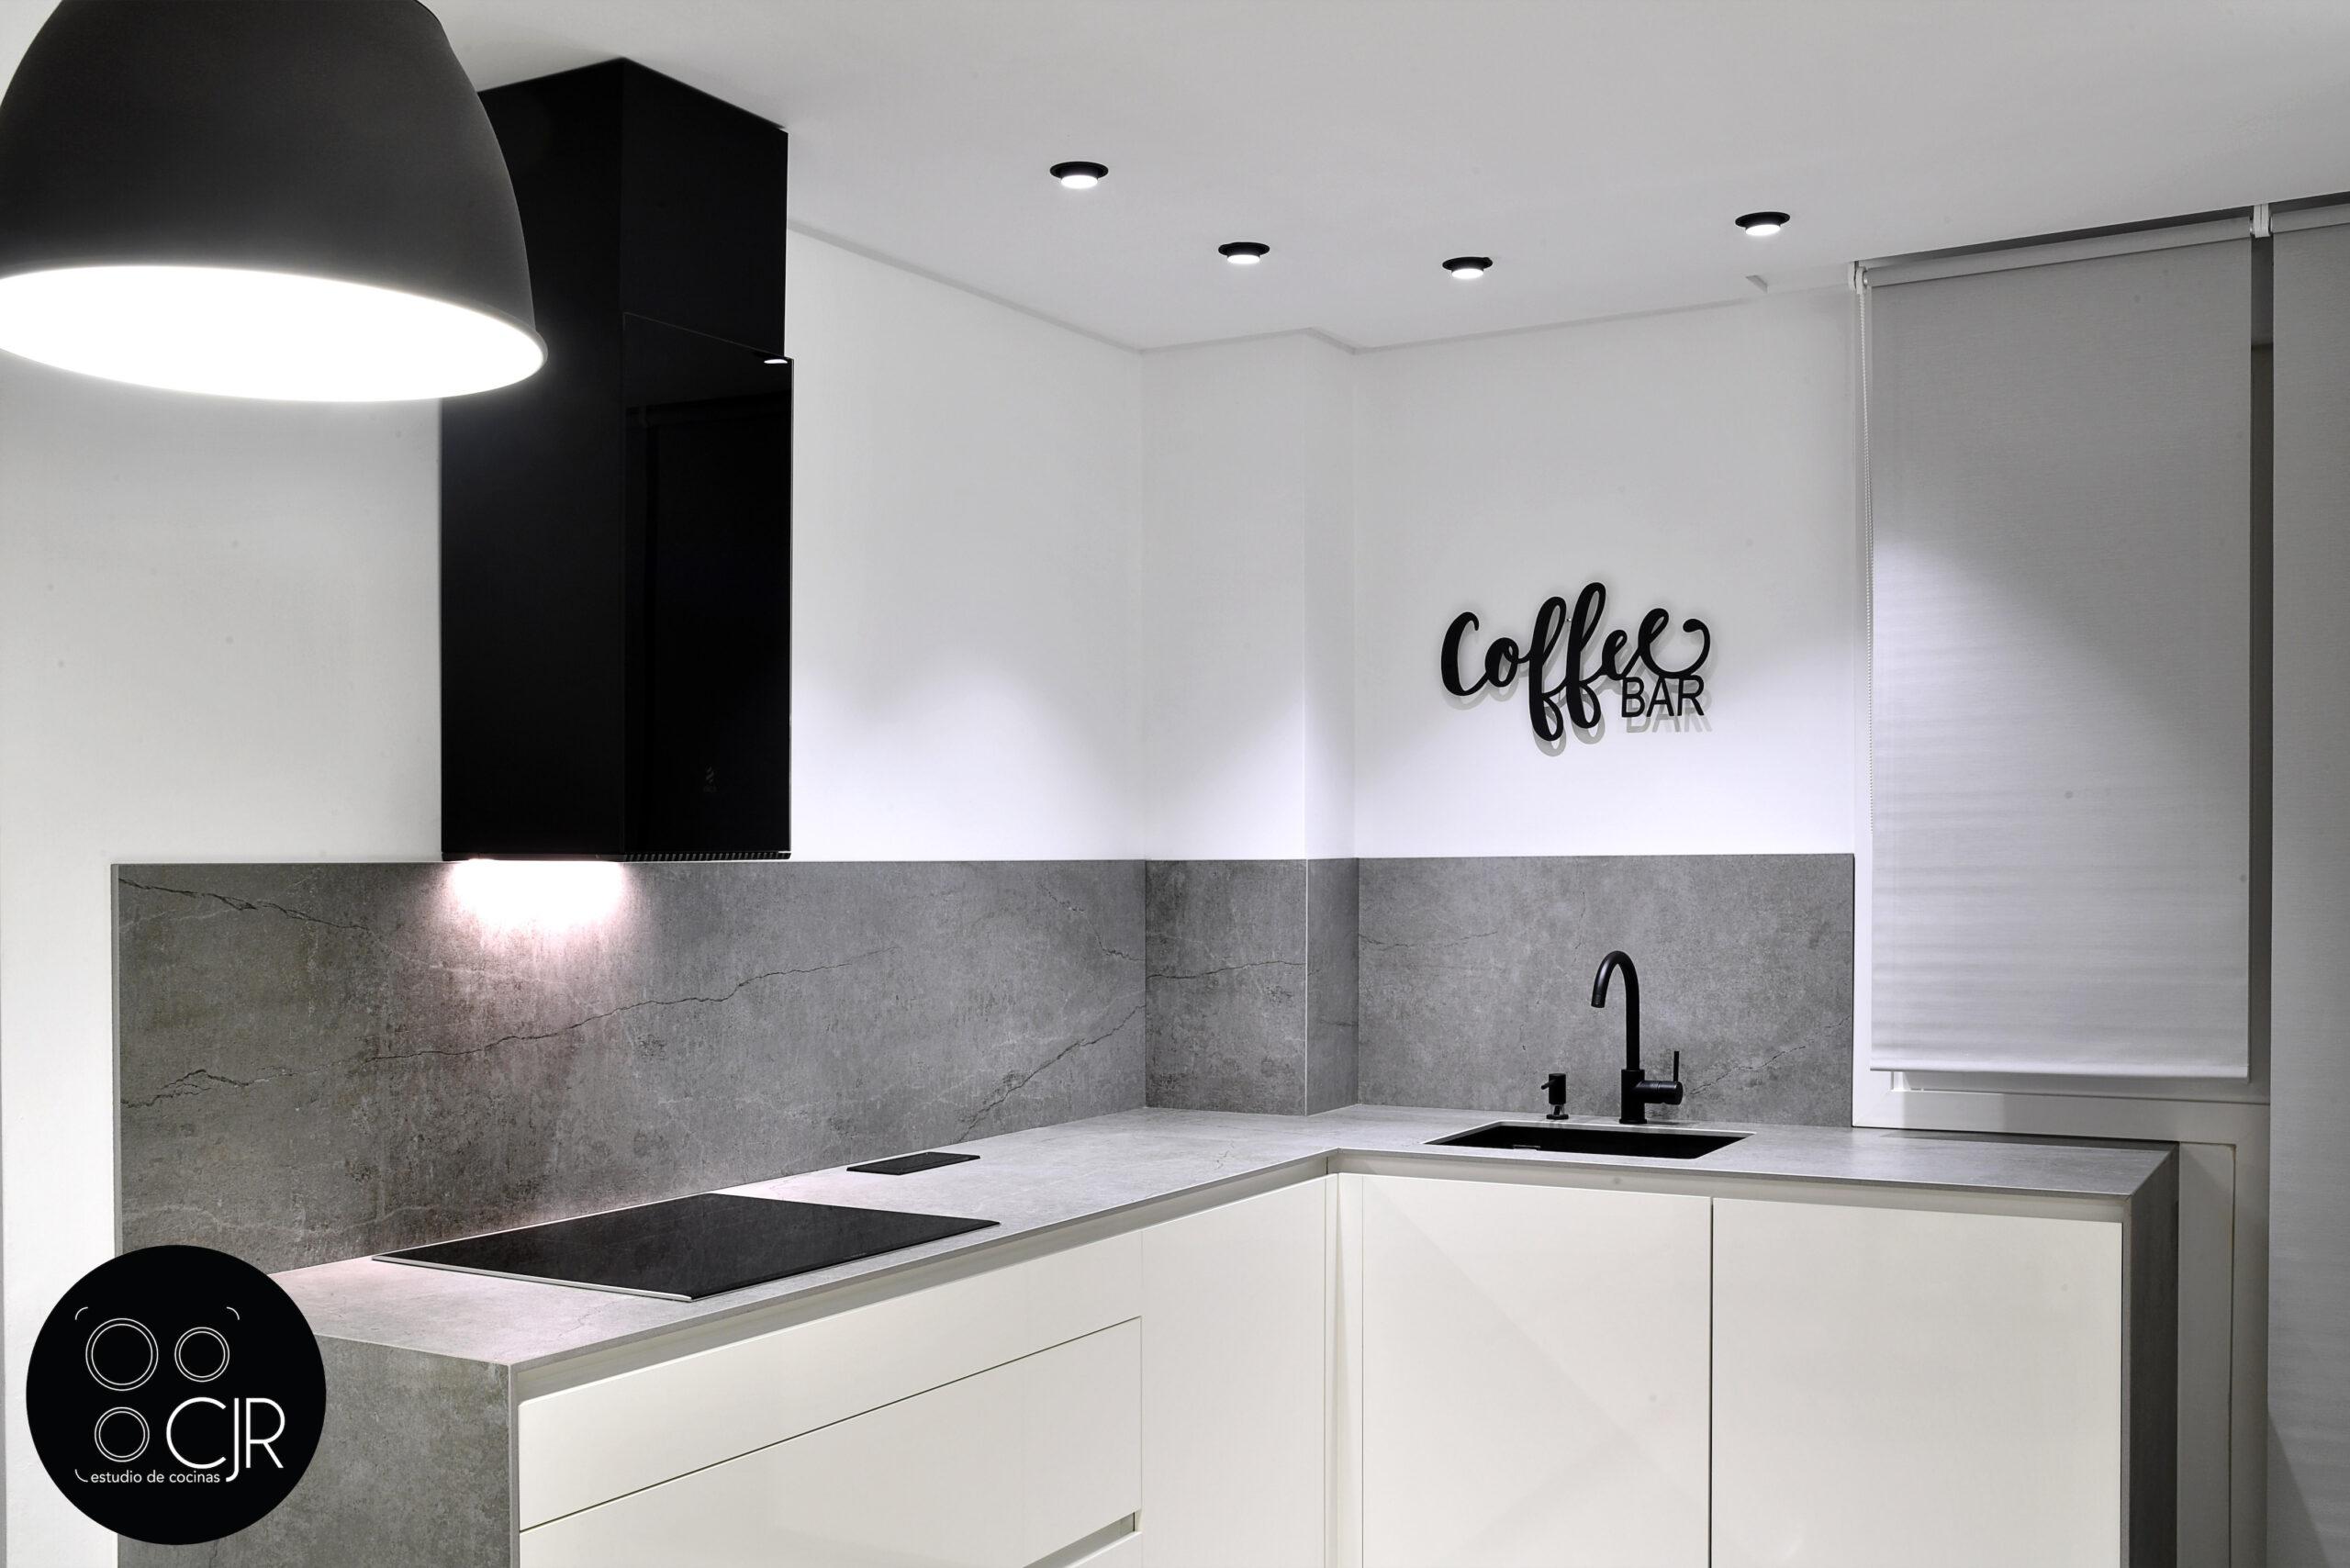 Otra vista general de la cocina blanca con encimera gris marengo